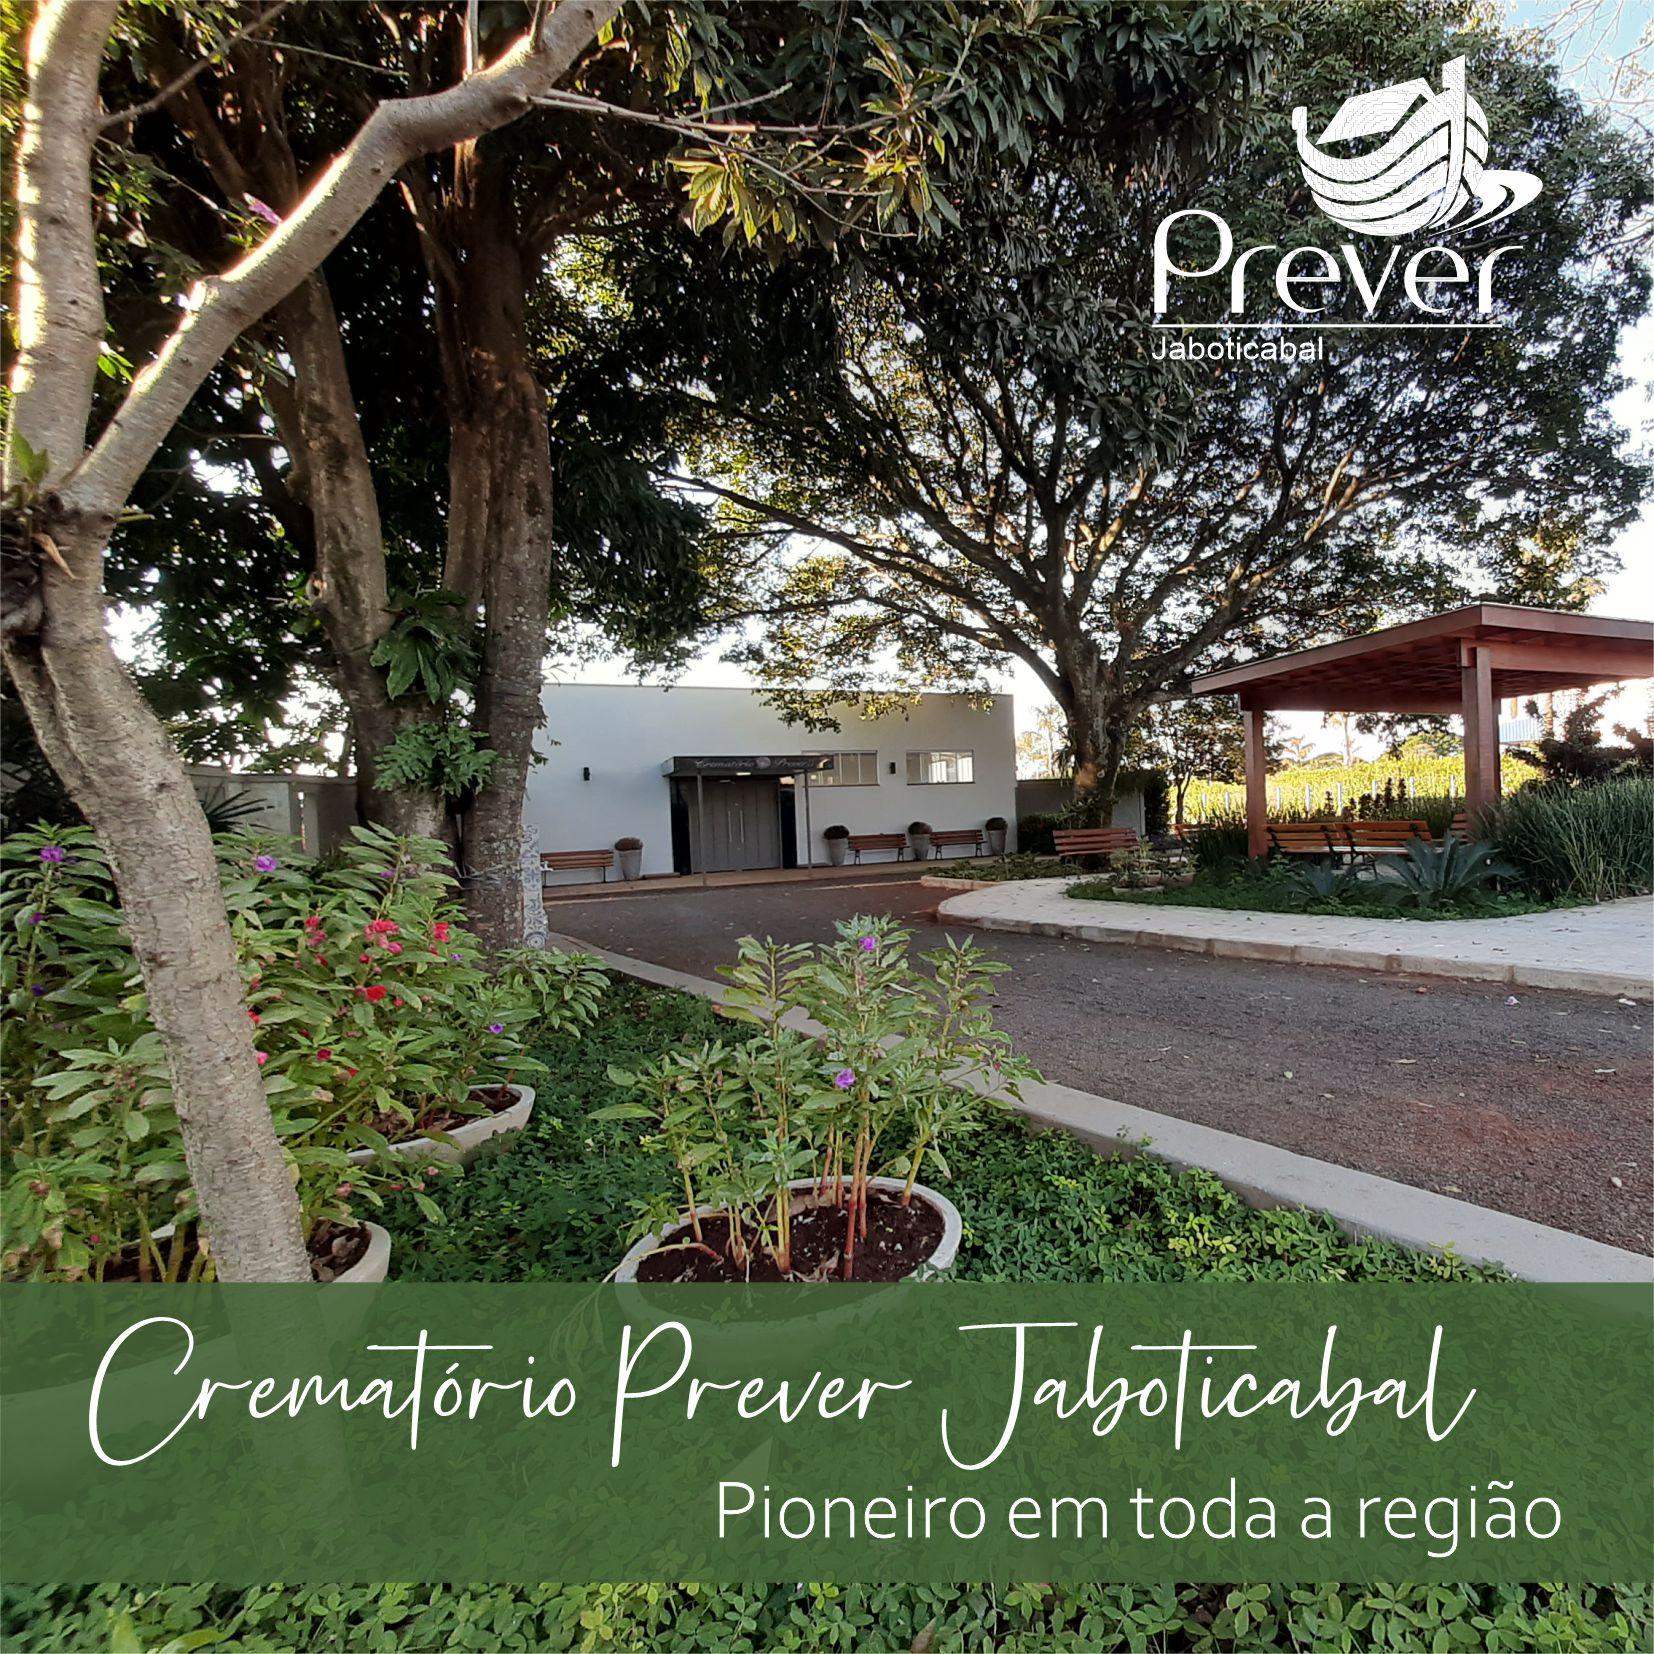 O Crematório Prever Jaboticabal foi pioneiro na região